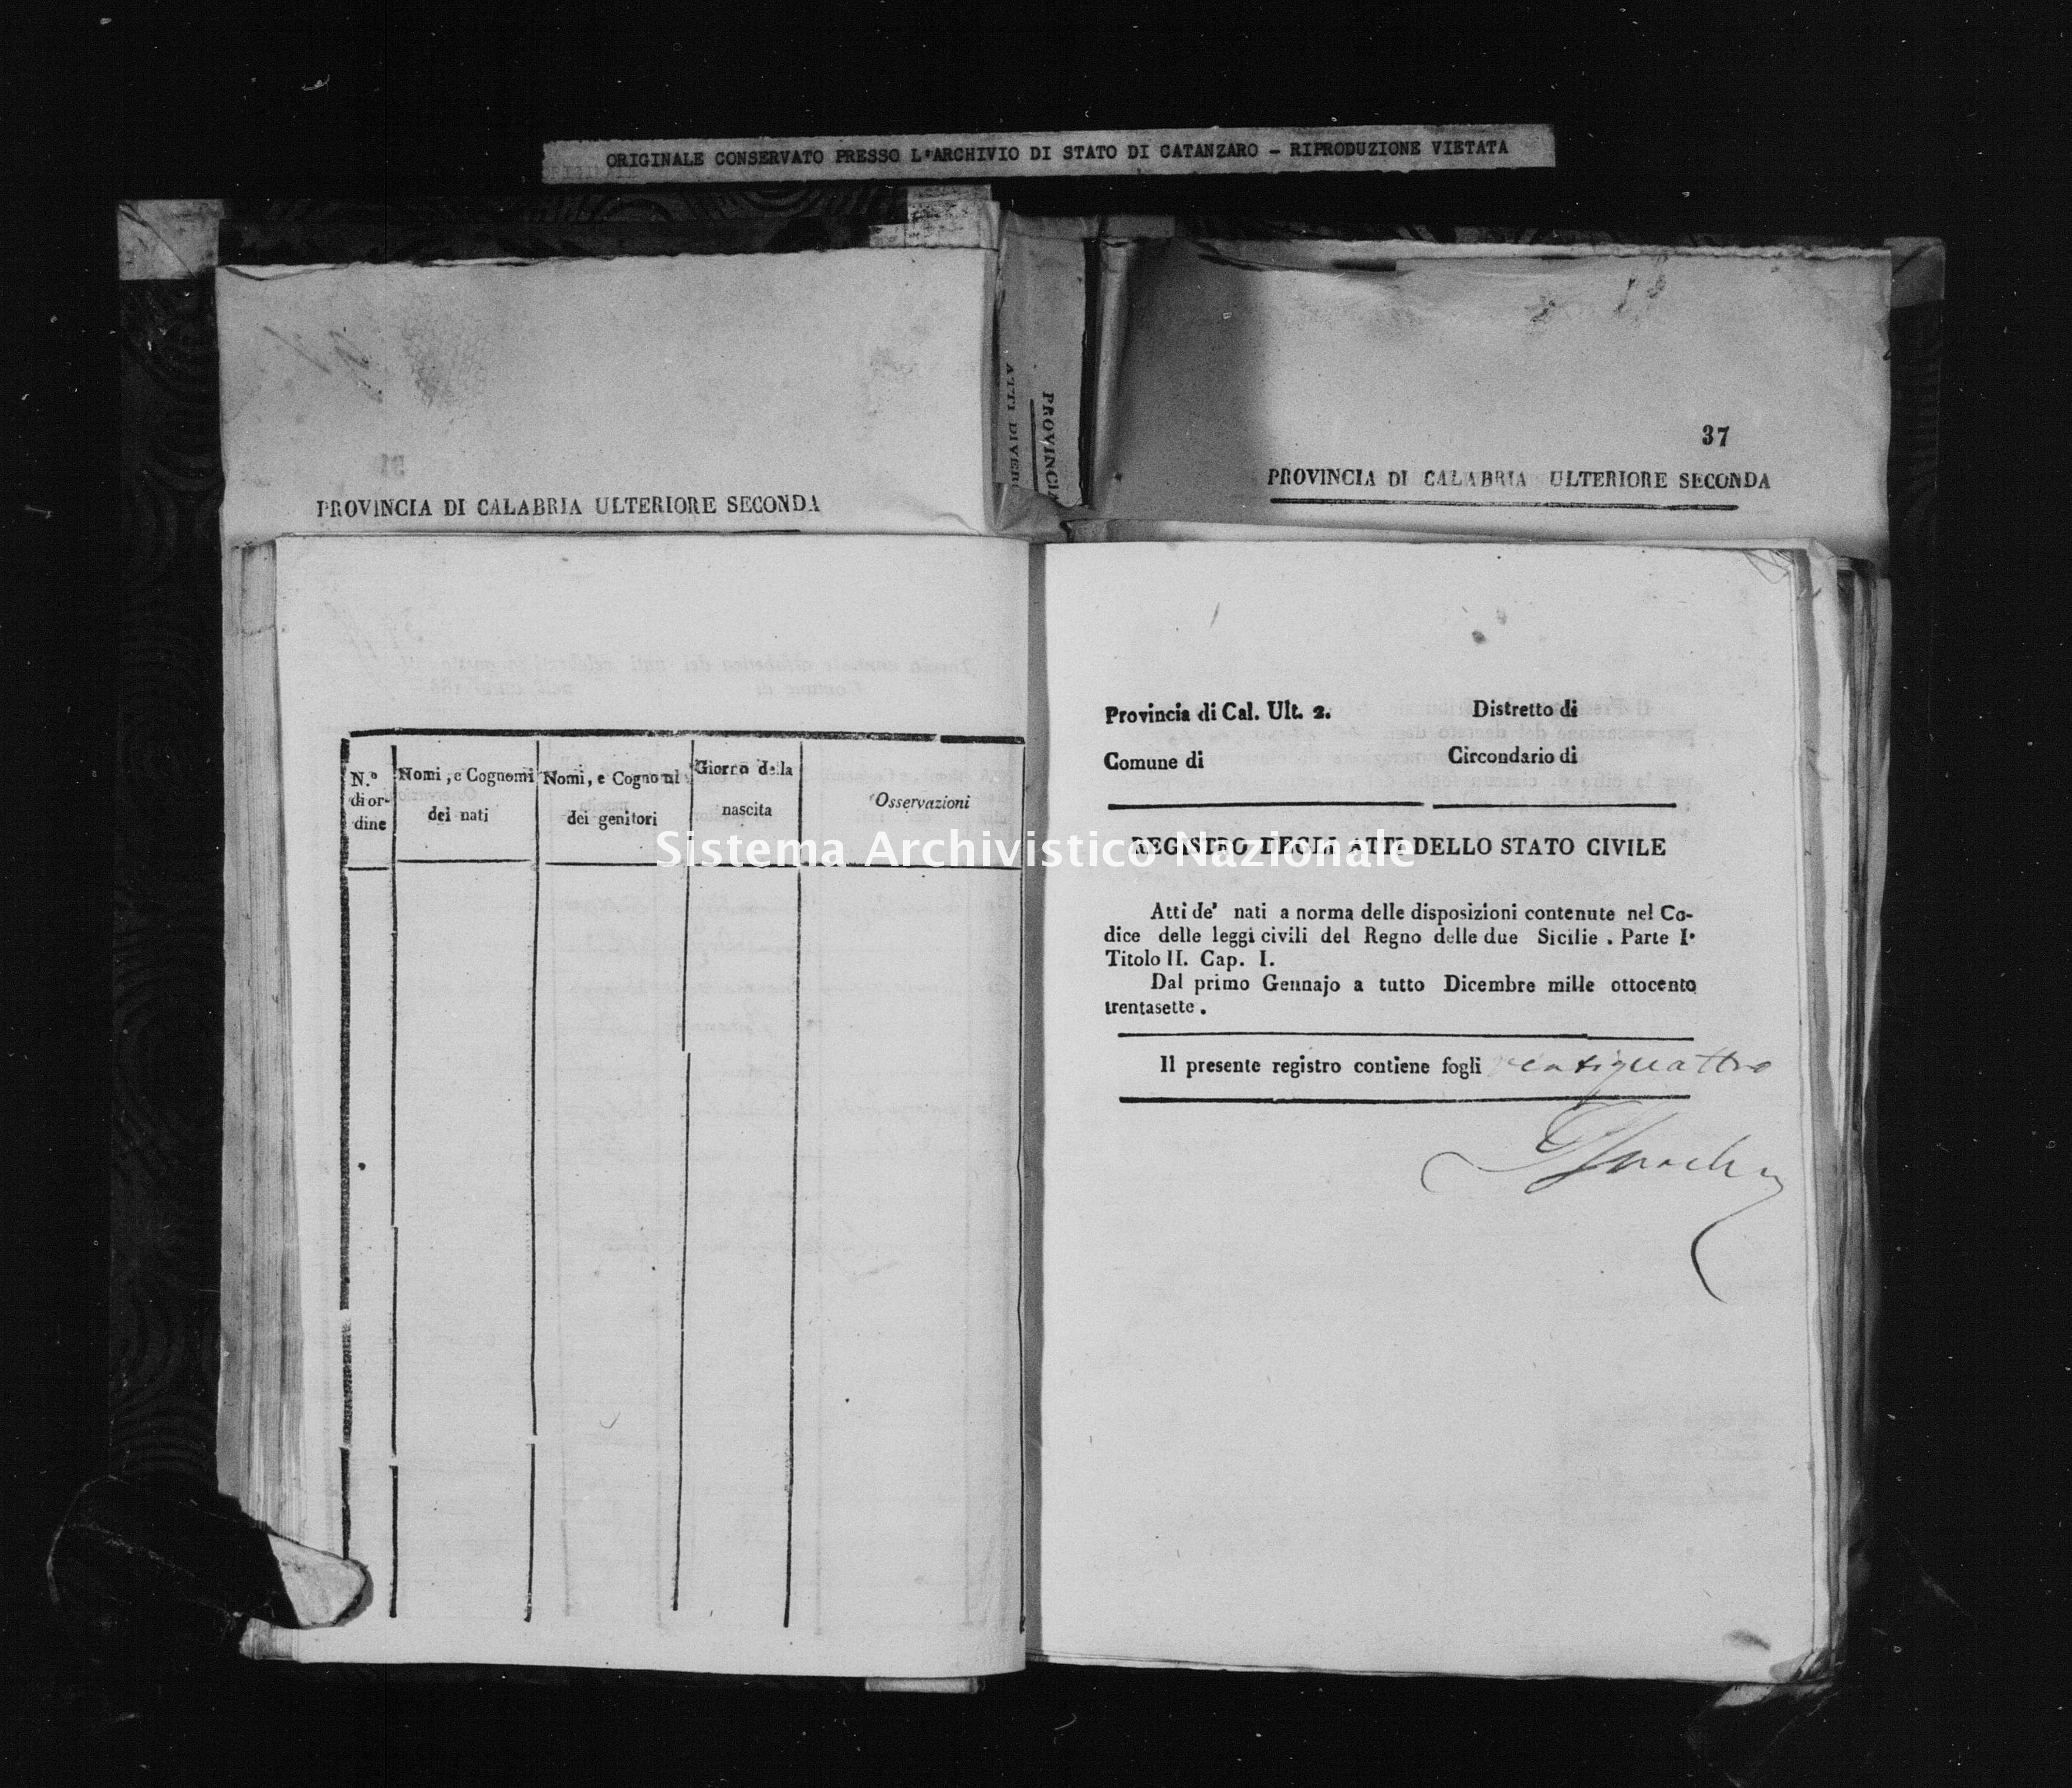 Archivio di stato di Catanzaro - Stato civile della restaurazione - Accaria - Nati - 04/10/1837-25/12/1837 -